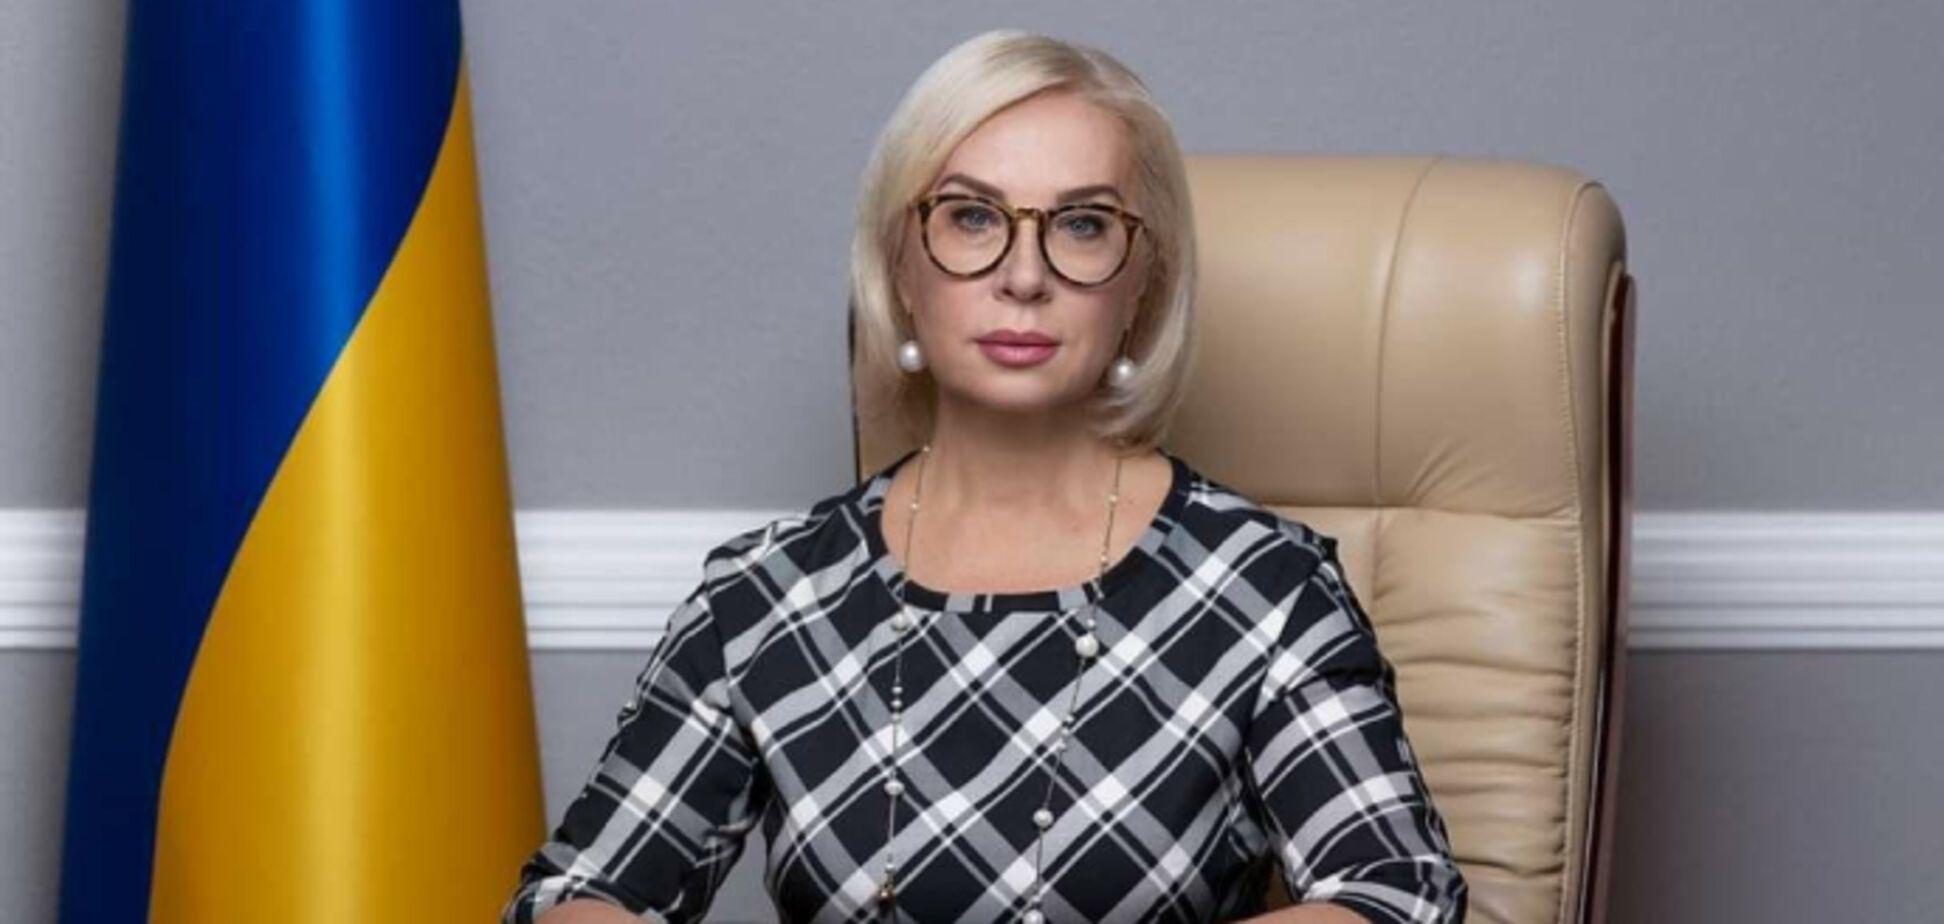 Закон об олигархах приведет к превышению полномочий президента и нарушения прав человека, – Денисова